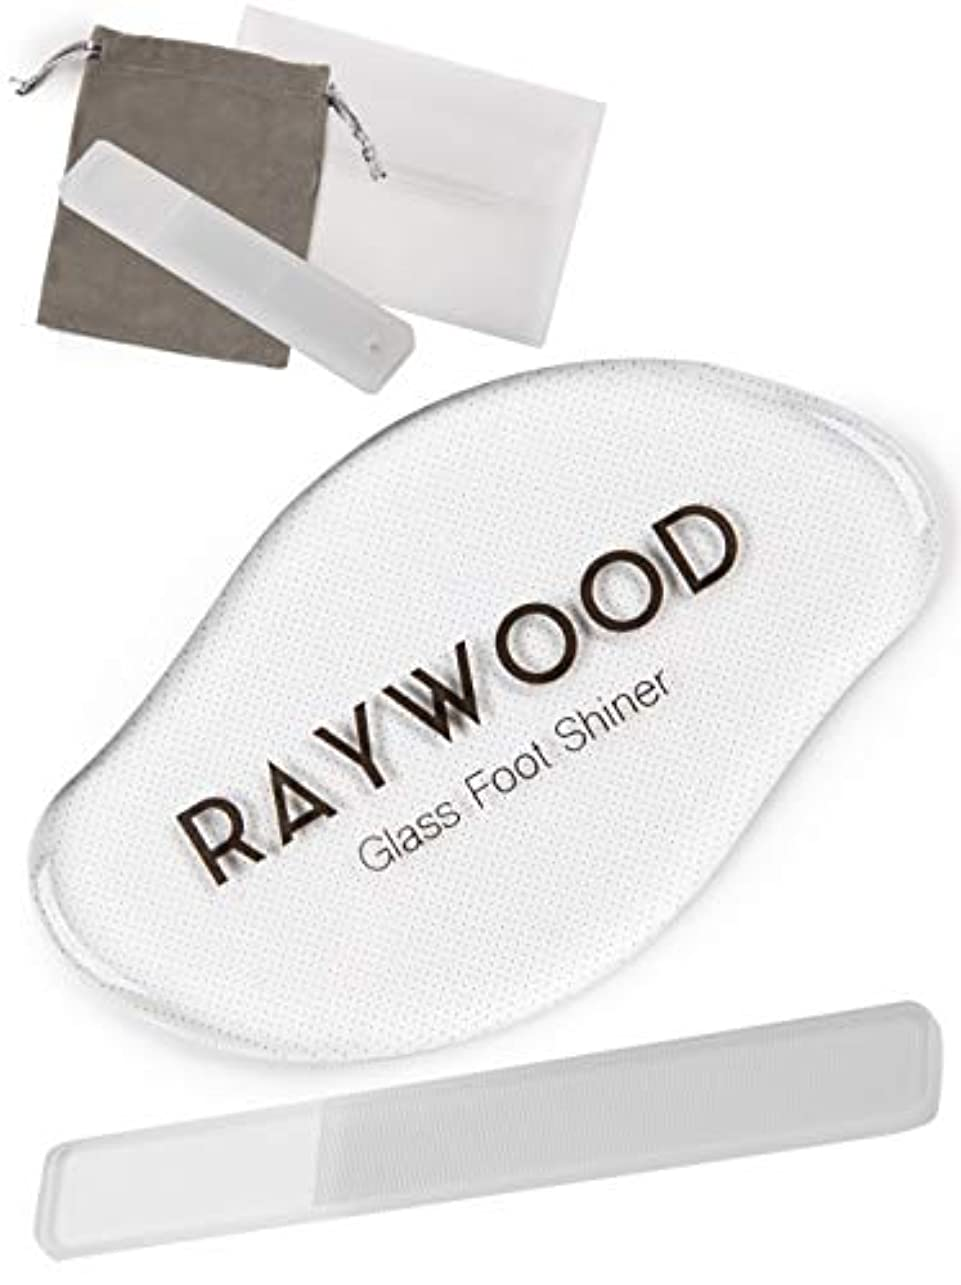 テーブル引き金用心レイウッド かかと削り ガラス かかと 角質取り 角質 除去 足 ナノガラス 爪磨き 携帯 セット 専用ケース付き